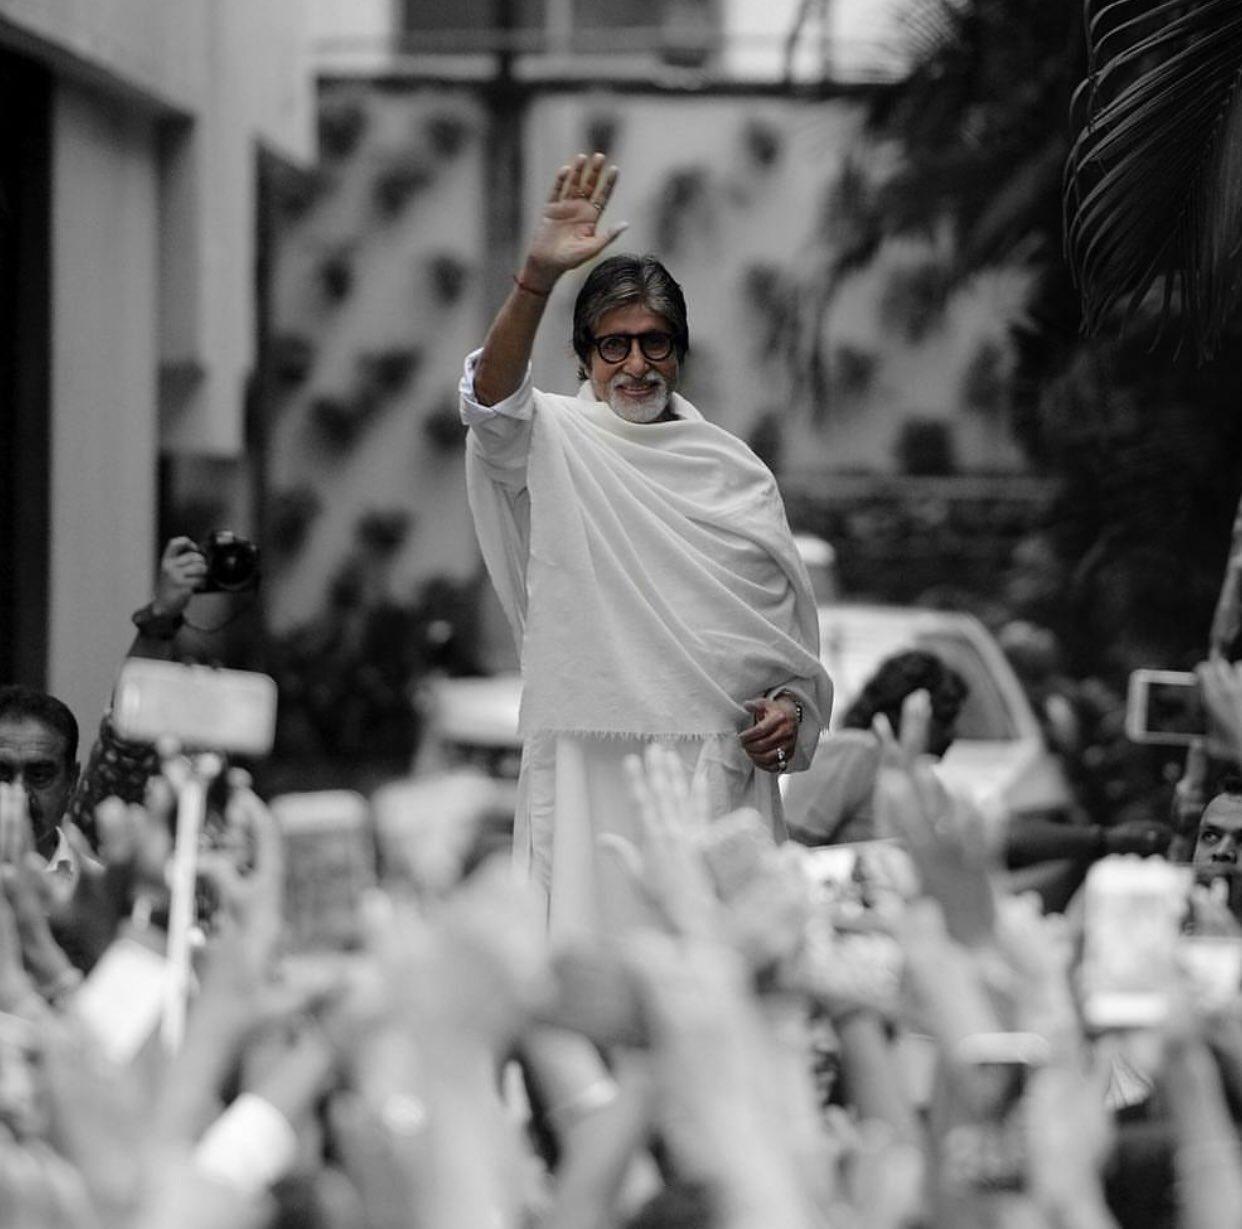 Happy birthday Amitabh Bachchan sir